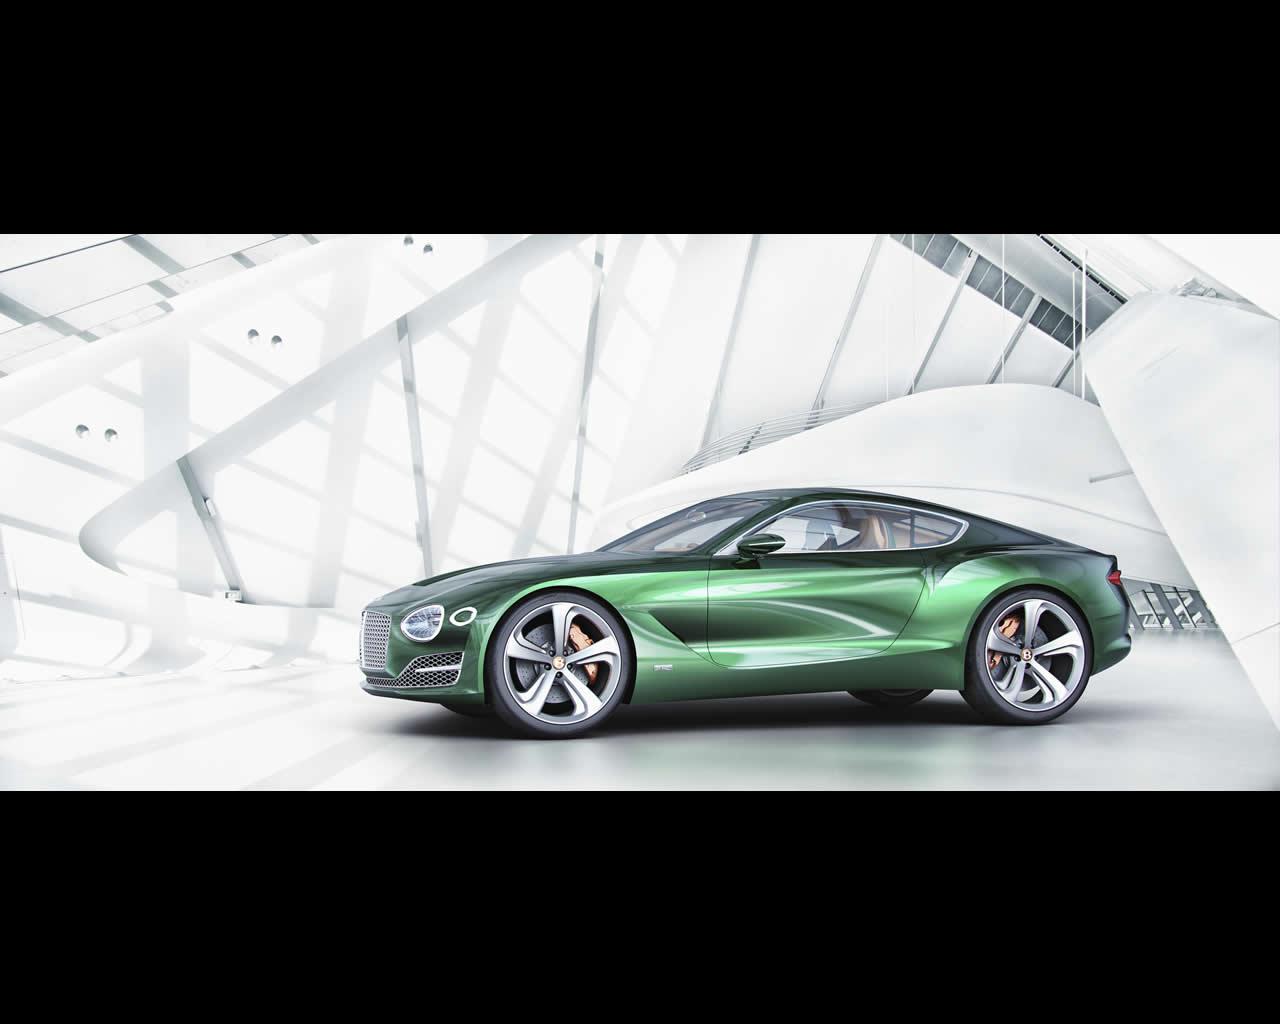 Exp 10 speed six concept 2015 bentley exp 10 speed six concept 2015 vanachro Images